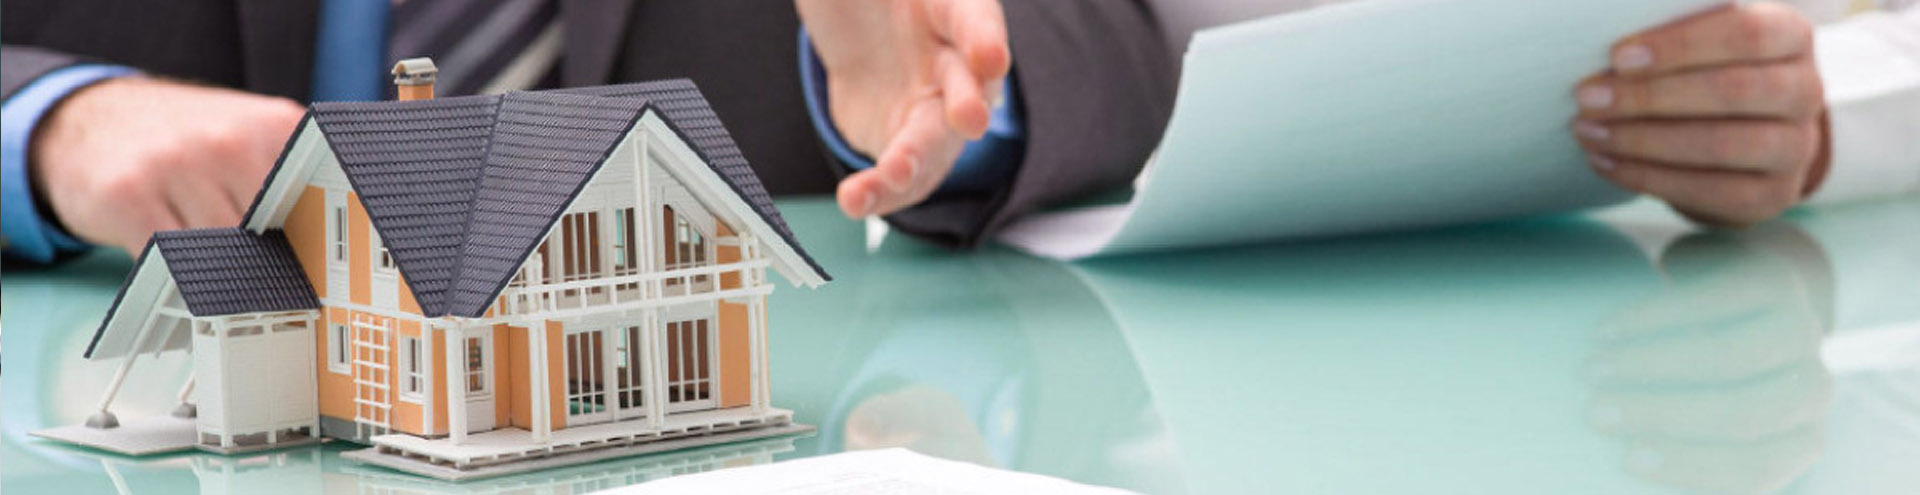 услуги юриста по недвижимости в Пензе